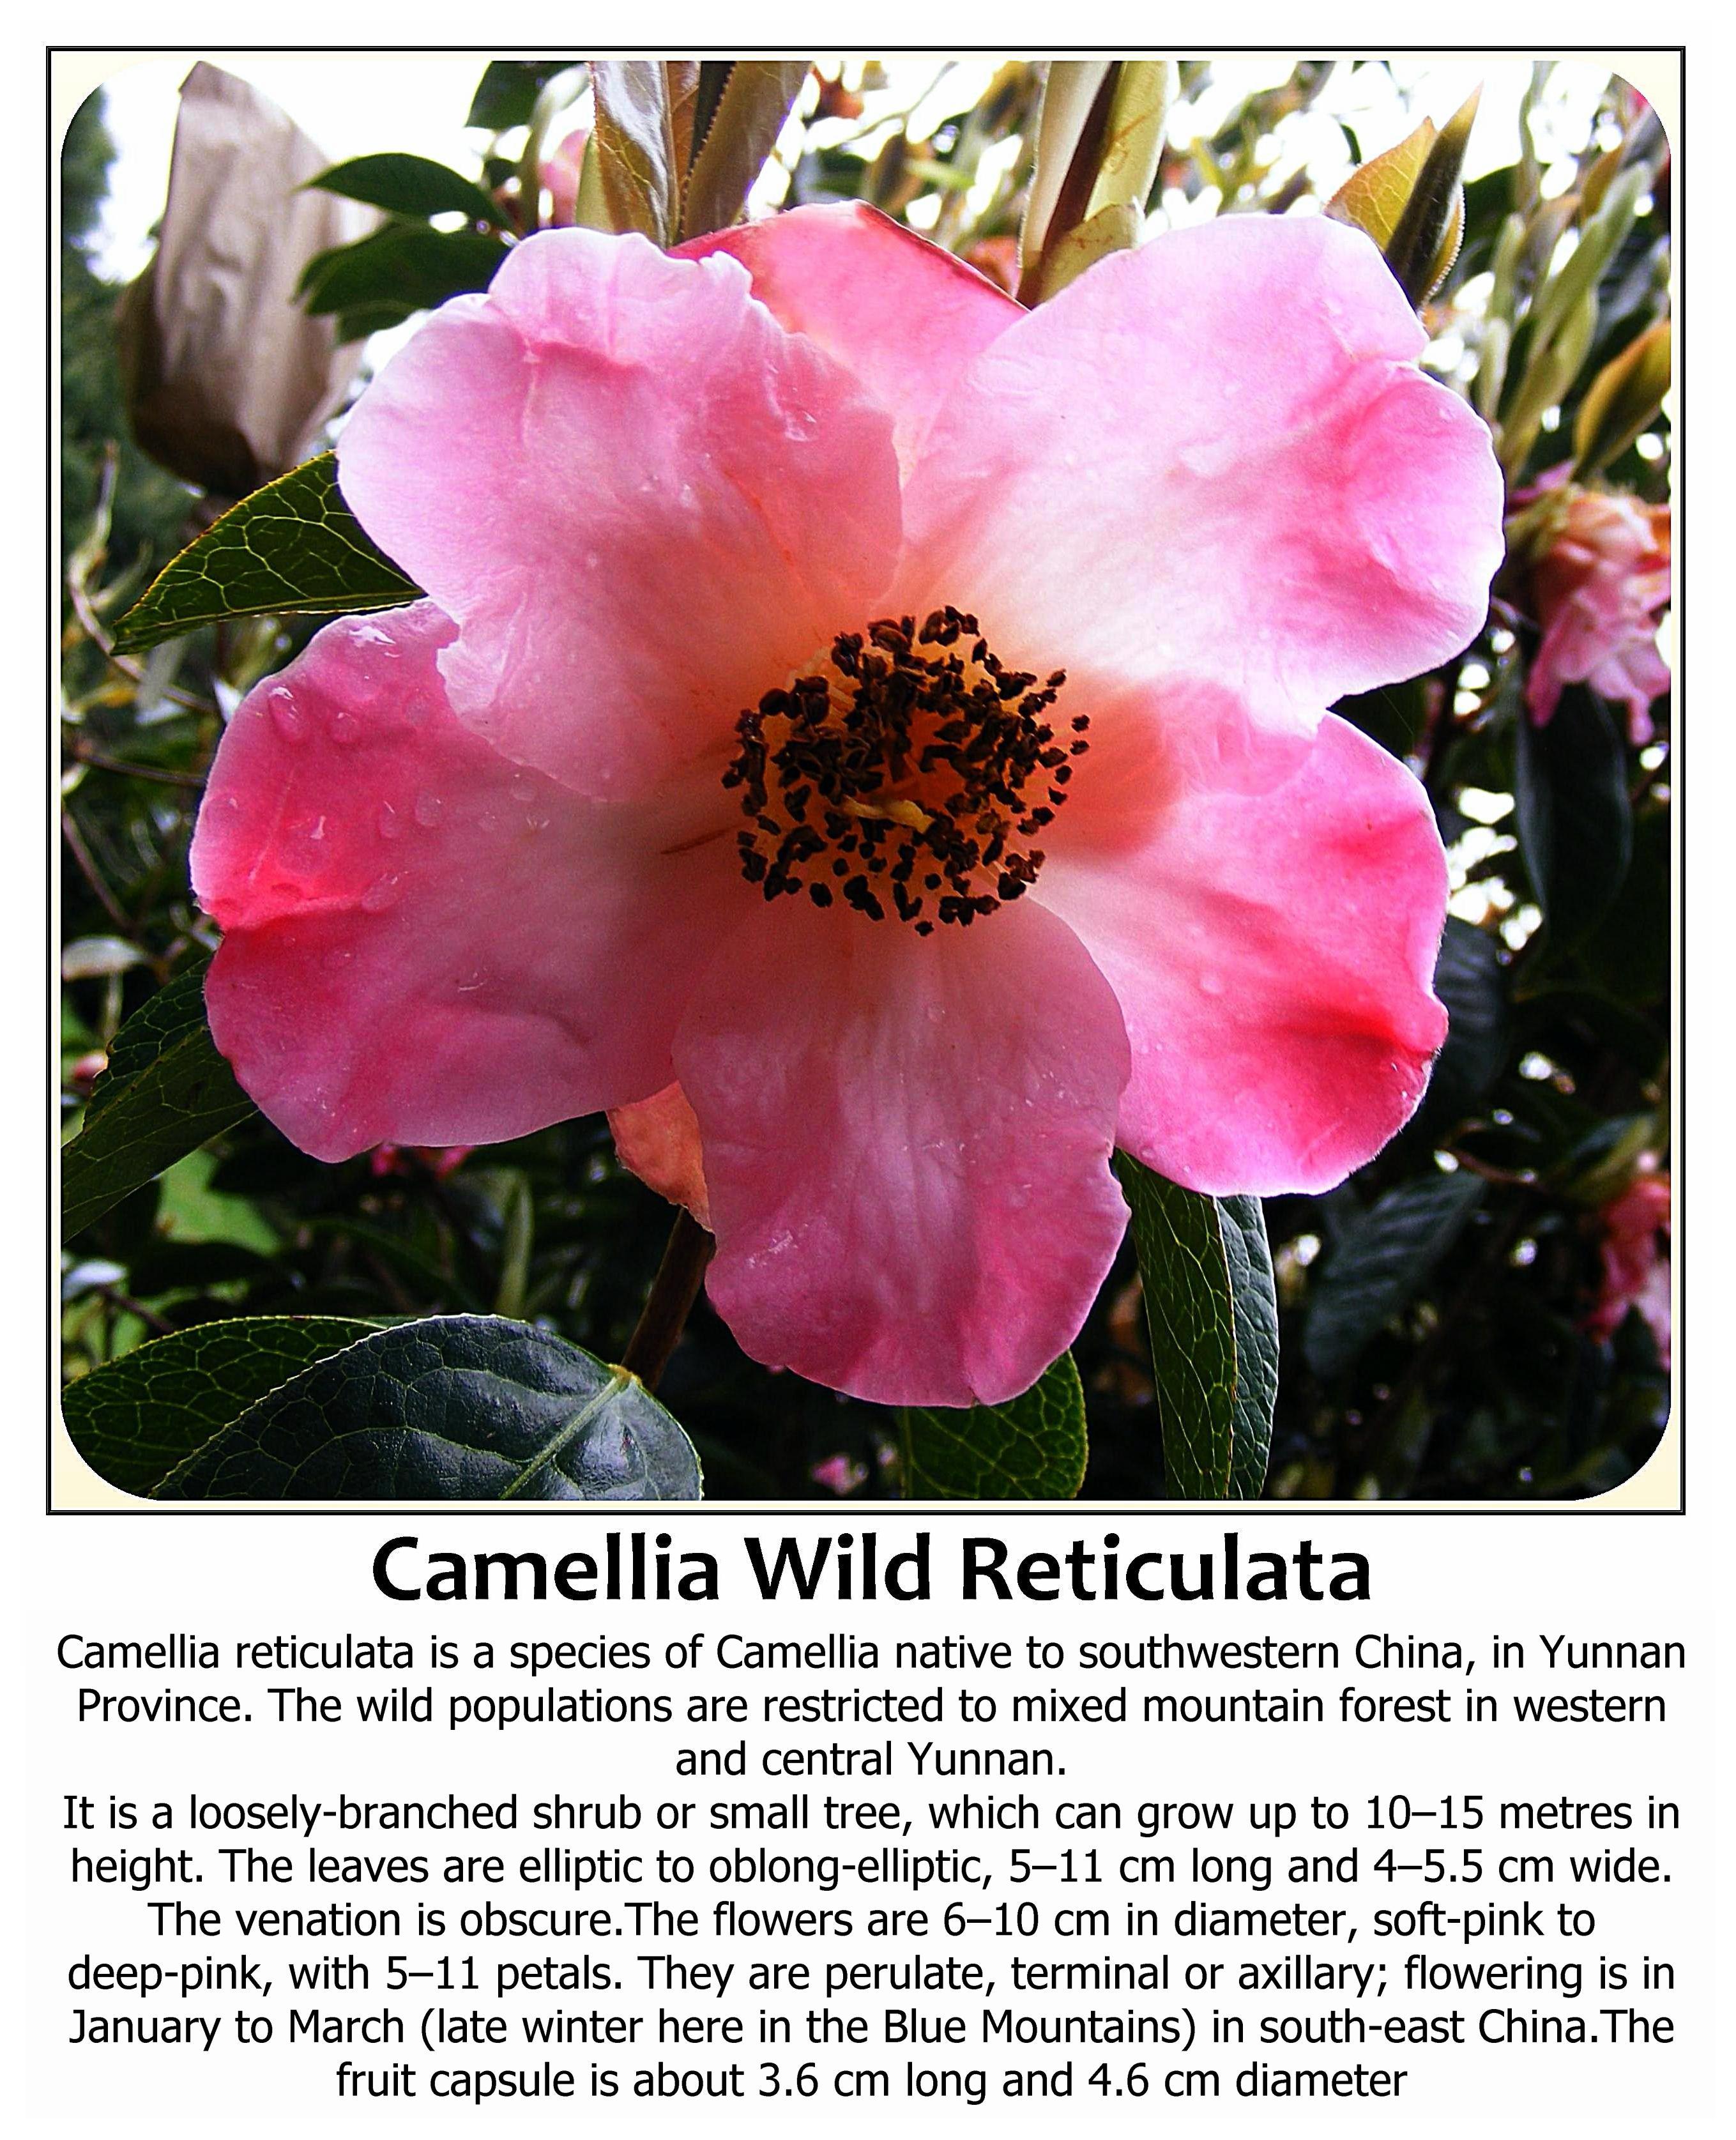 Camellia wild reticulata